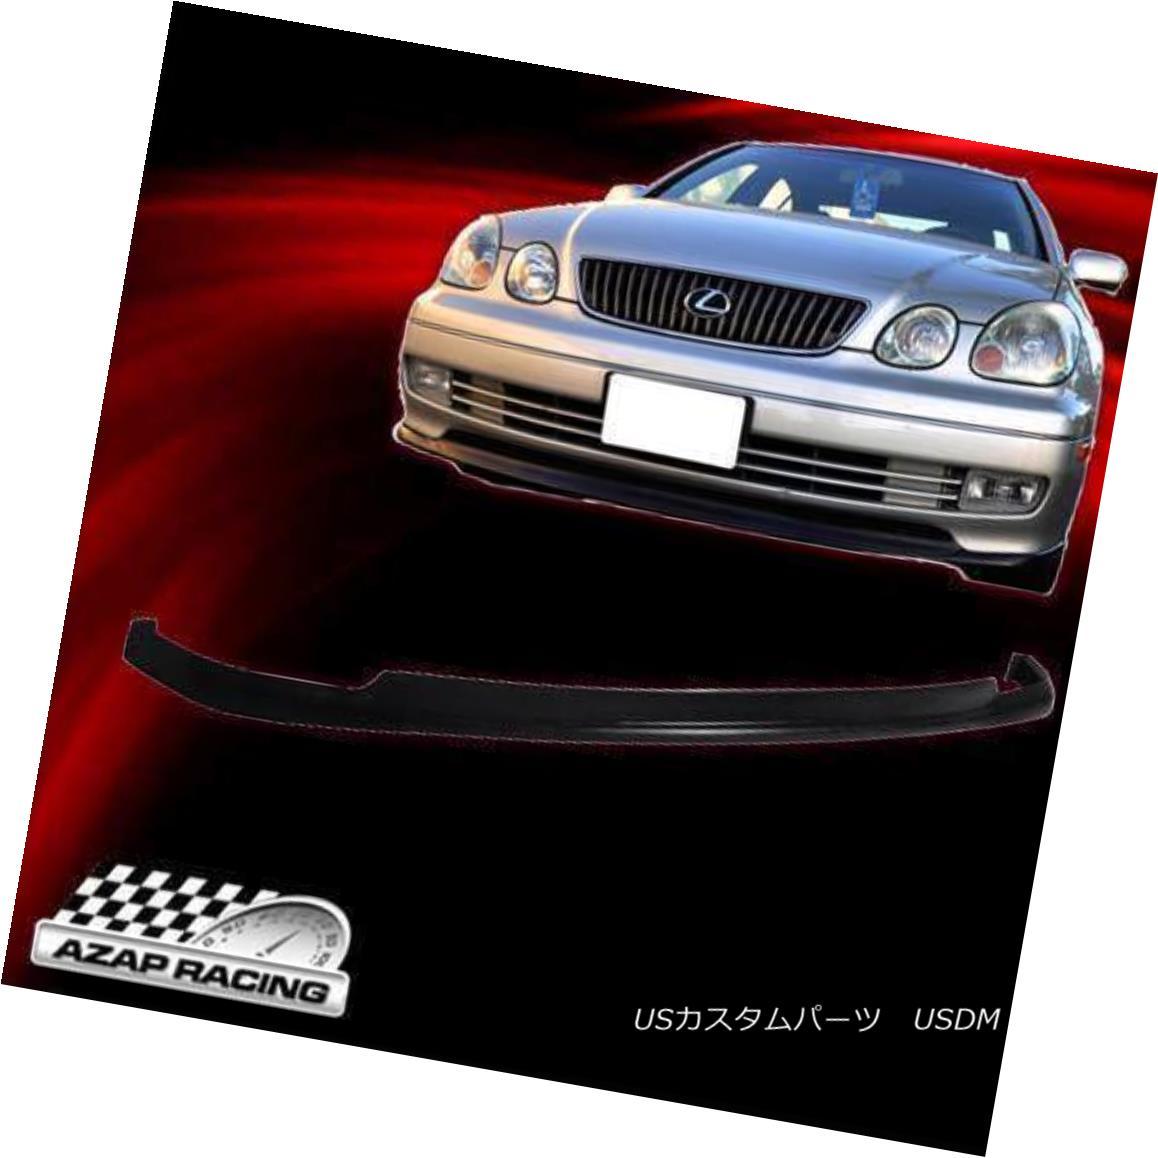 Pro-D Style Front Lip Urethane Fits 02-03 Subaru Impreza WRX